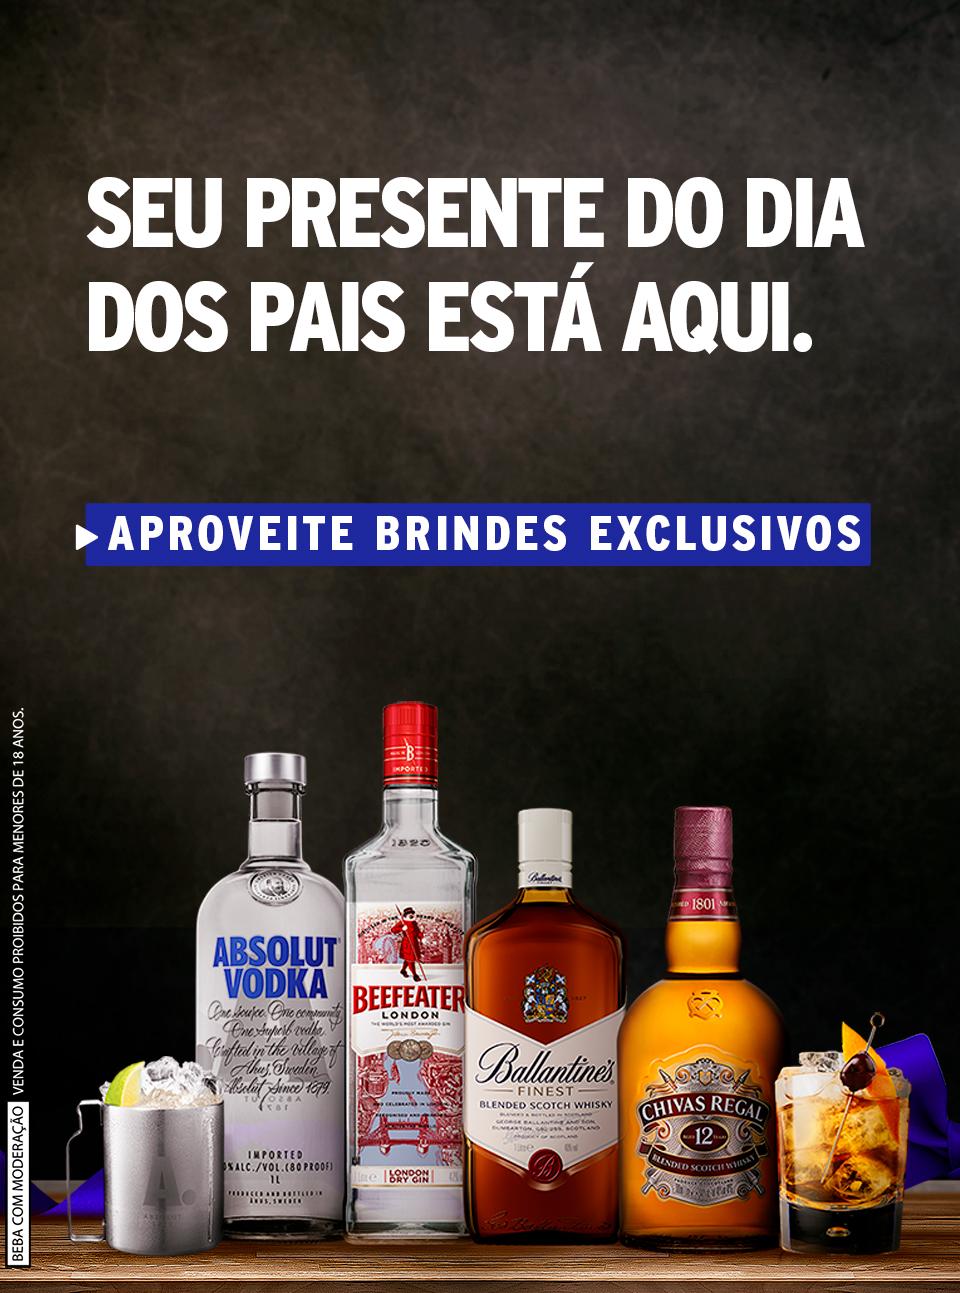 Mobile | Pernod